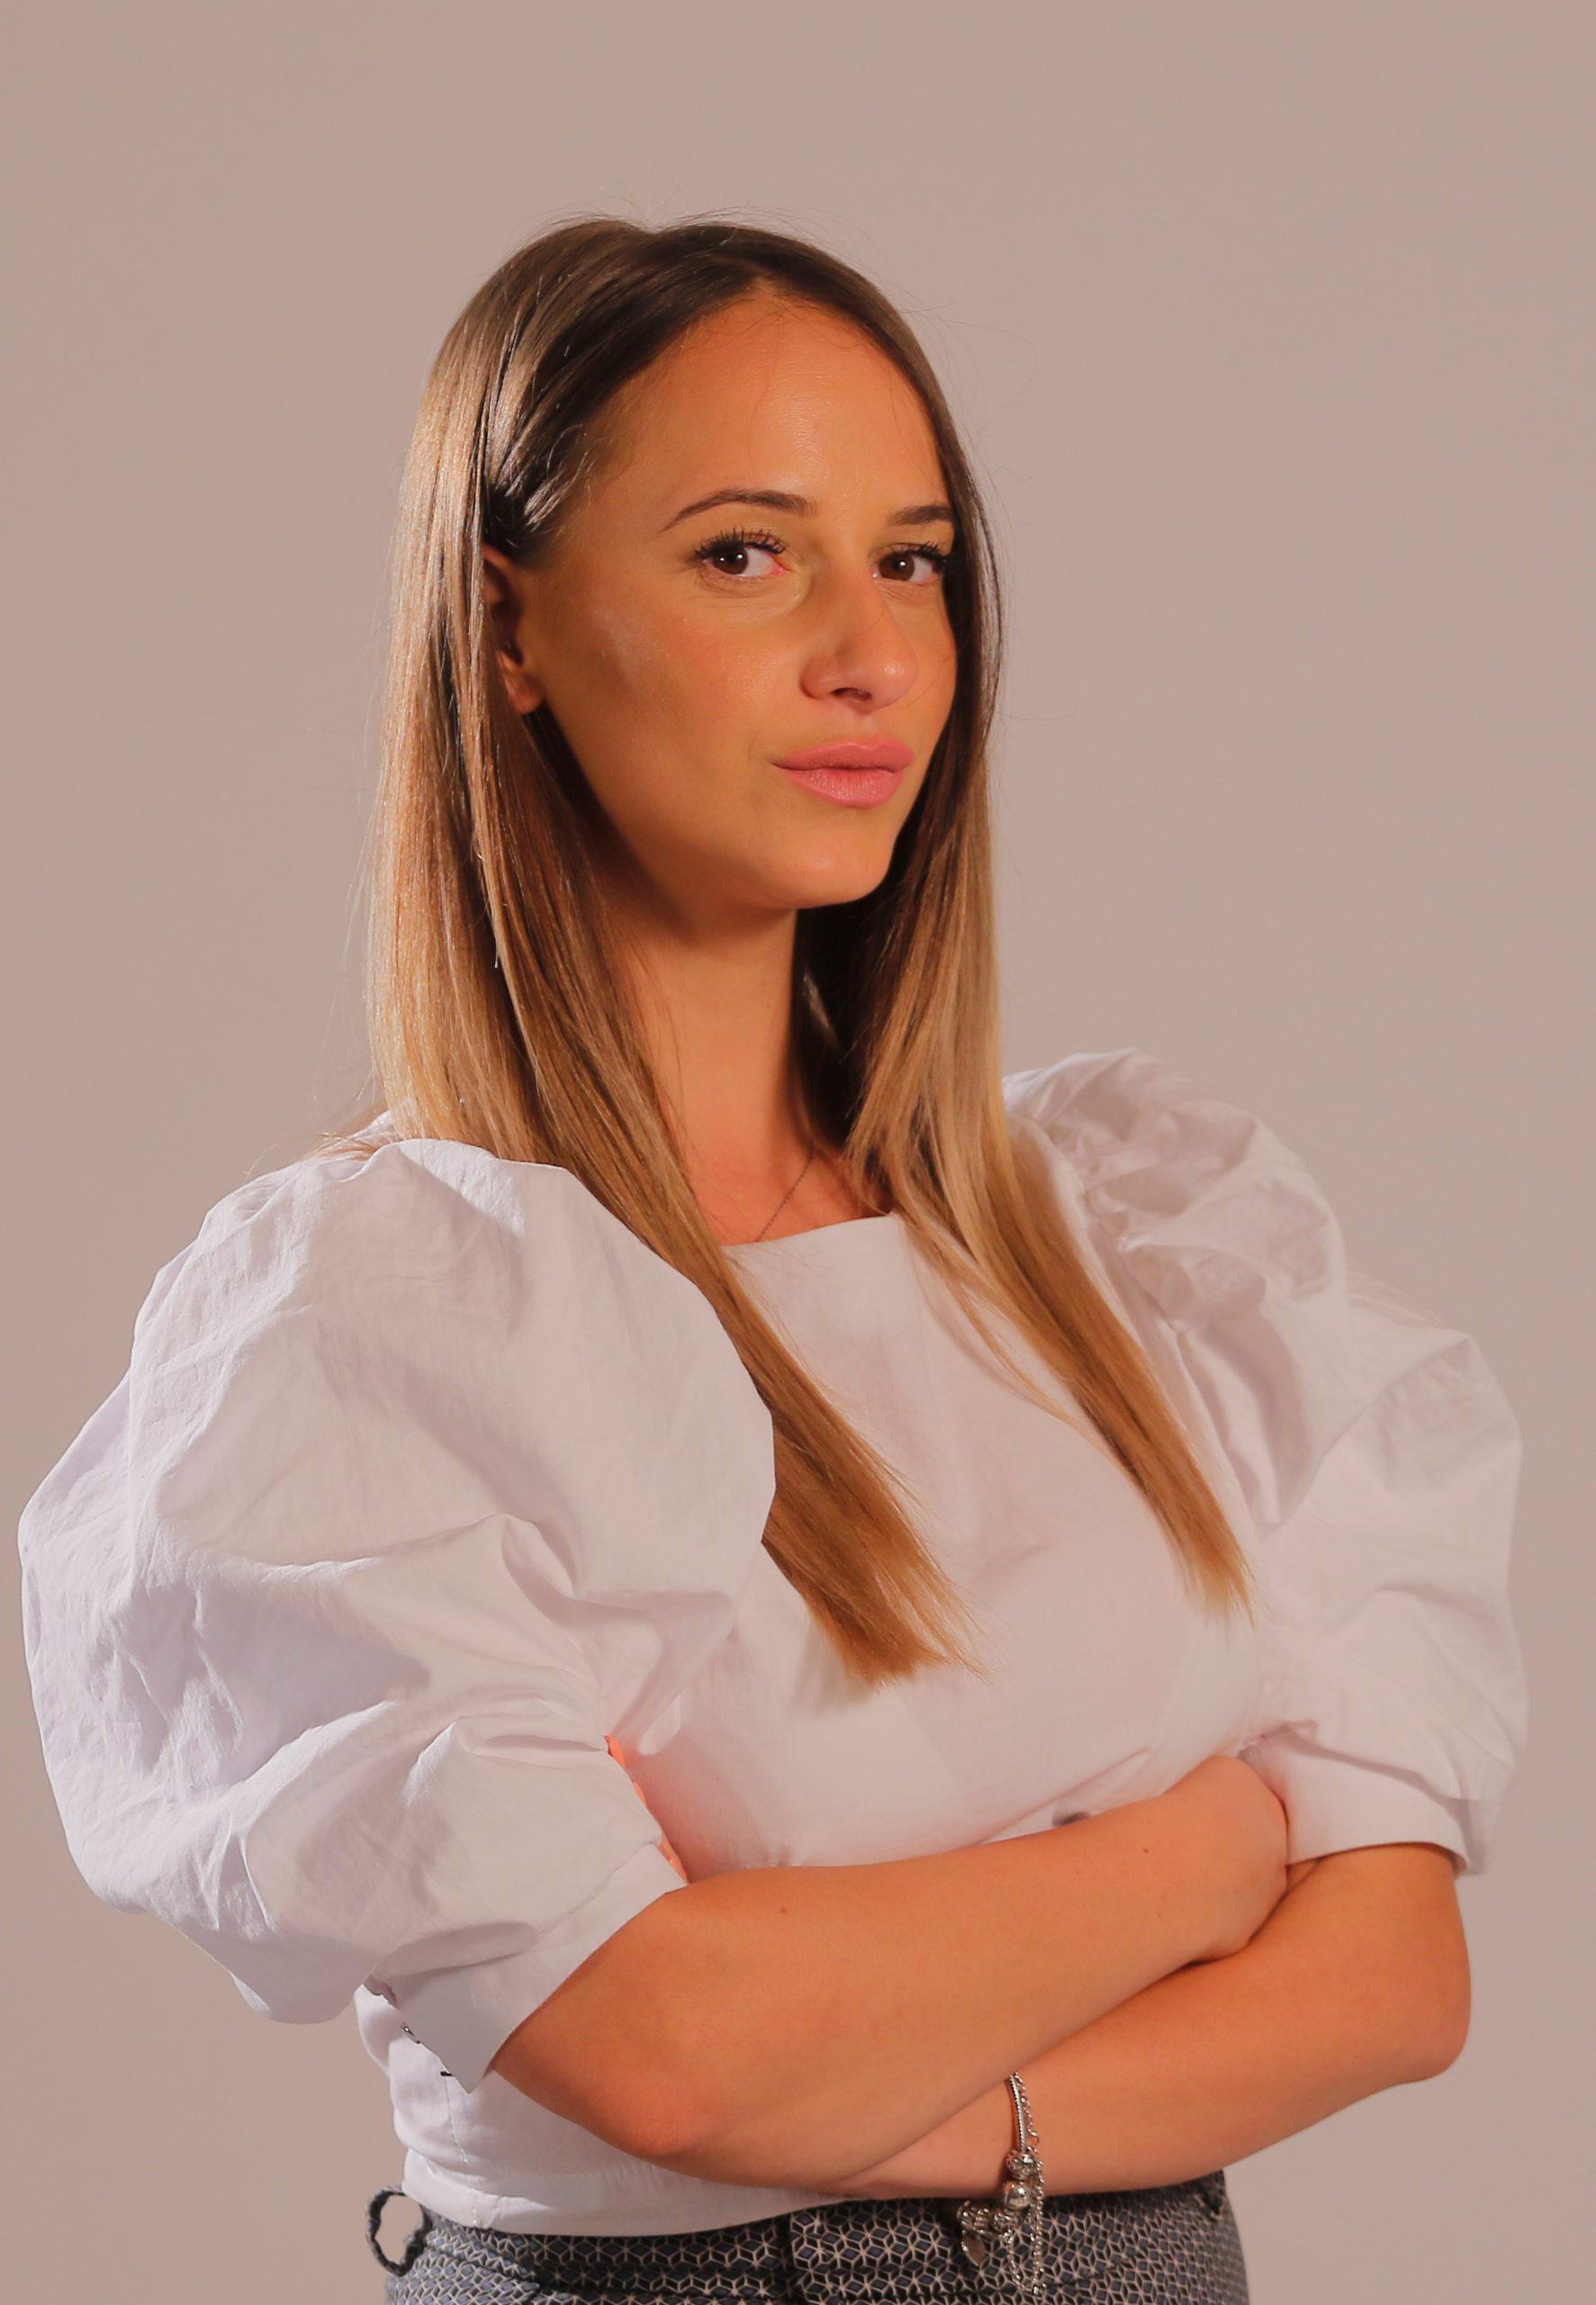 Angela Mitrinovska